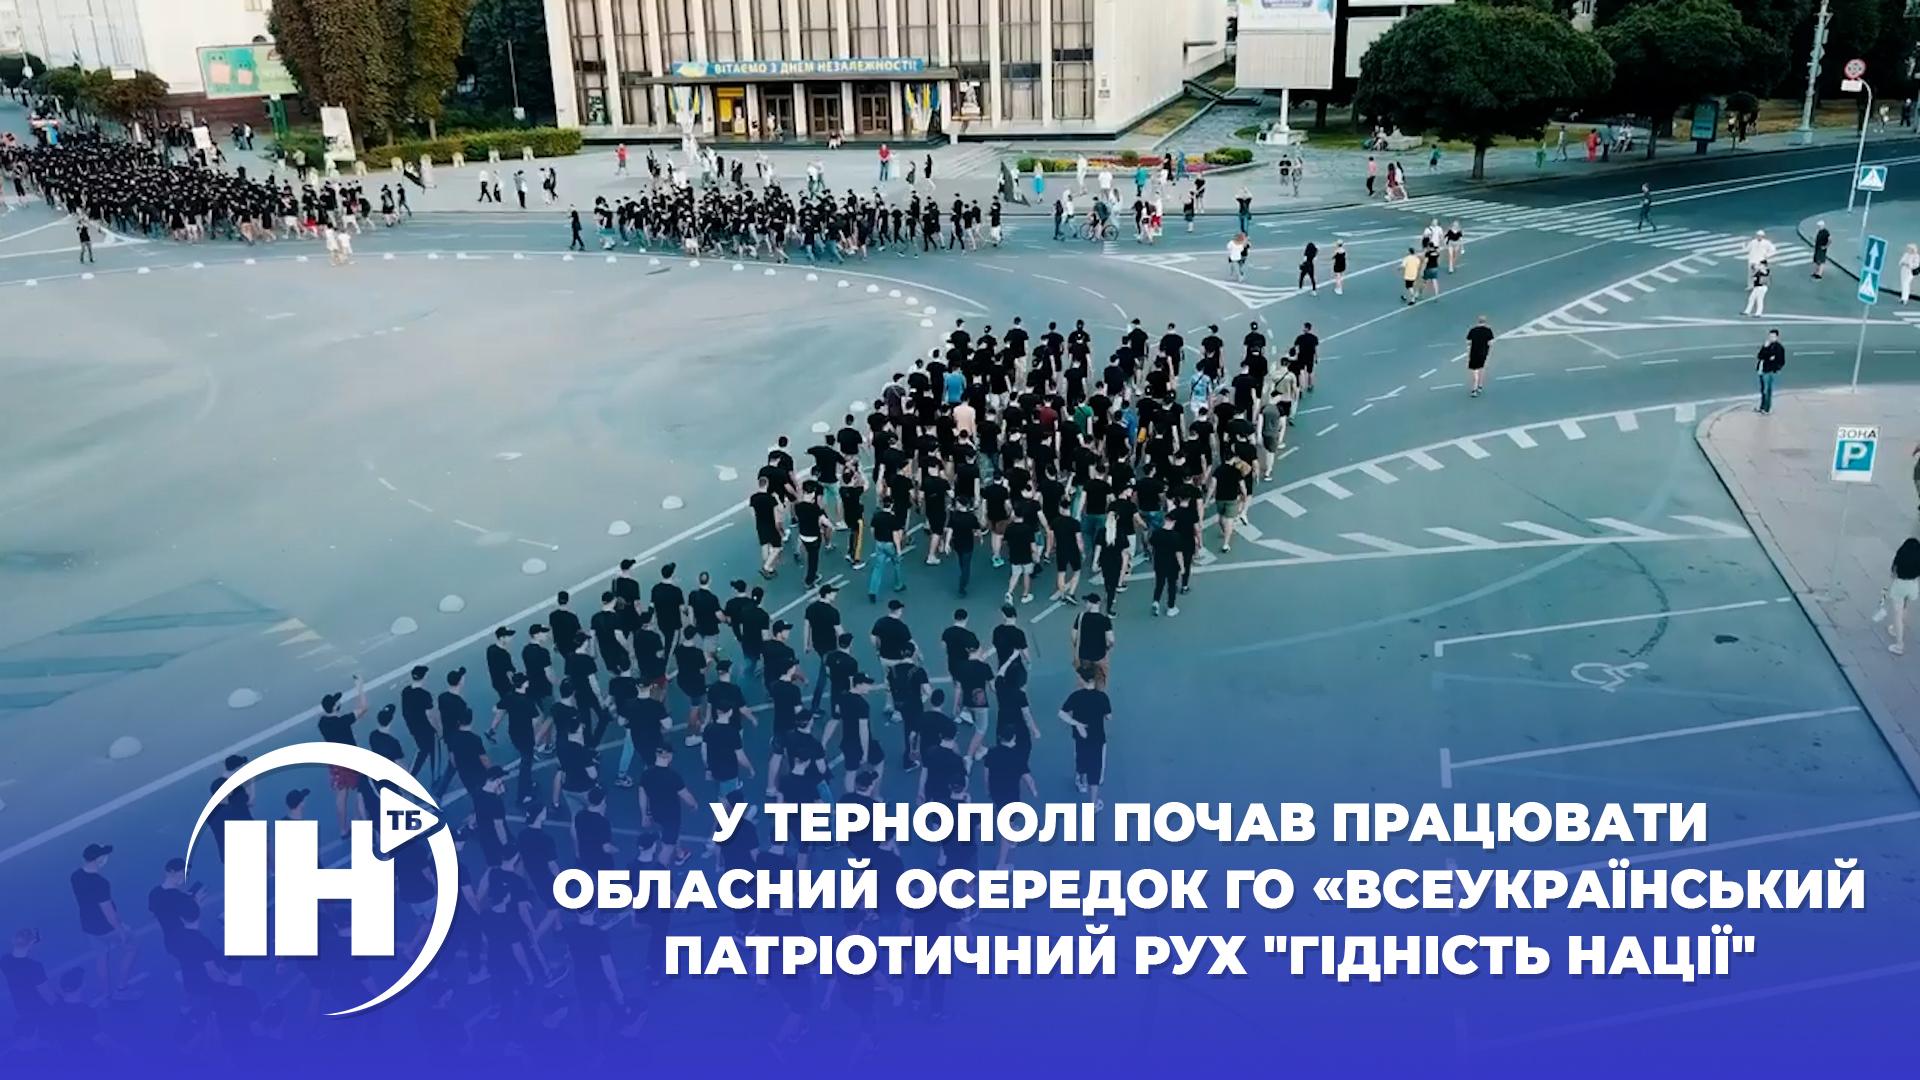 """У Тернополі почав працювати обласний осередок ГО «Всеукраїнський патріотичний рух """"Гідність нації"""""""